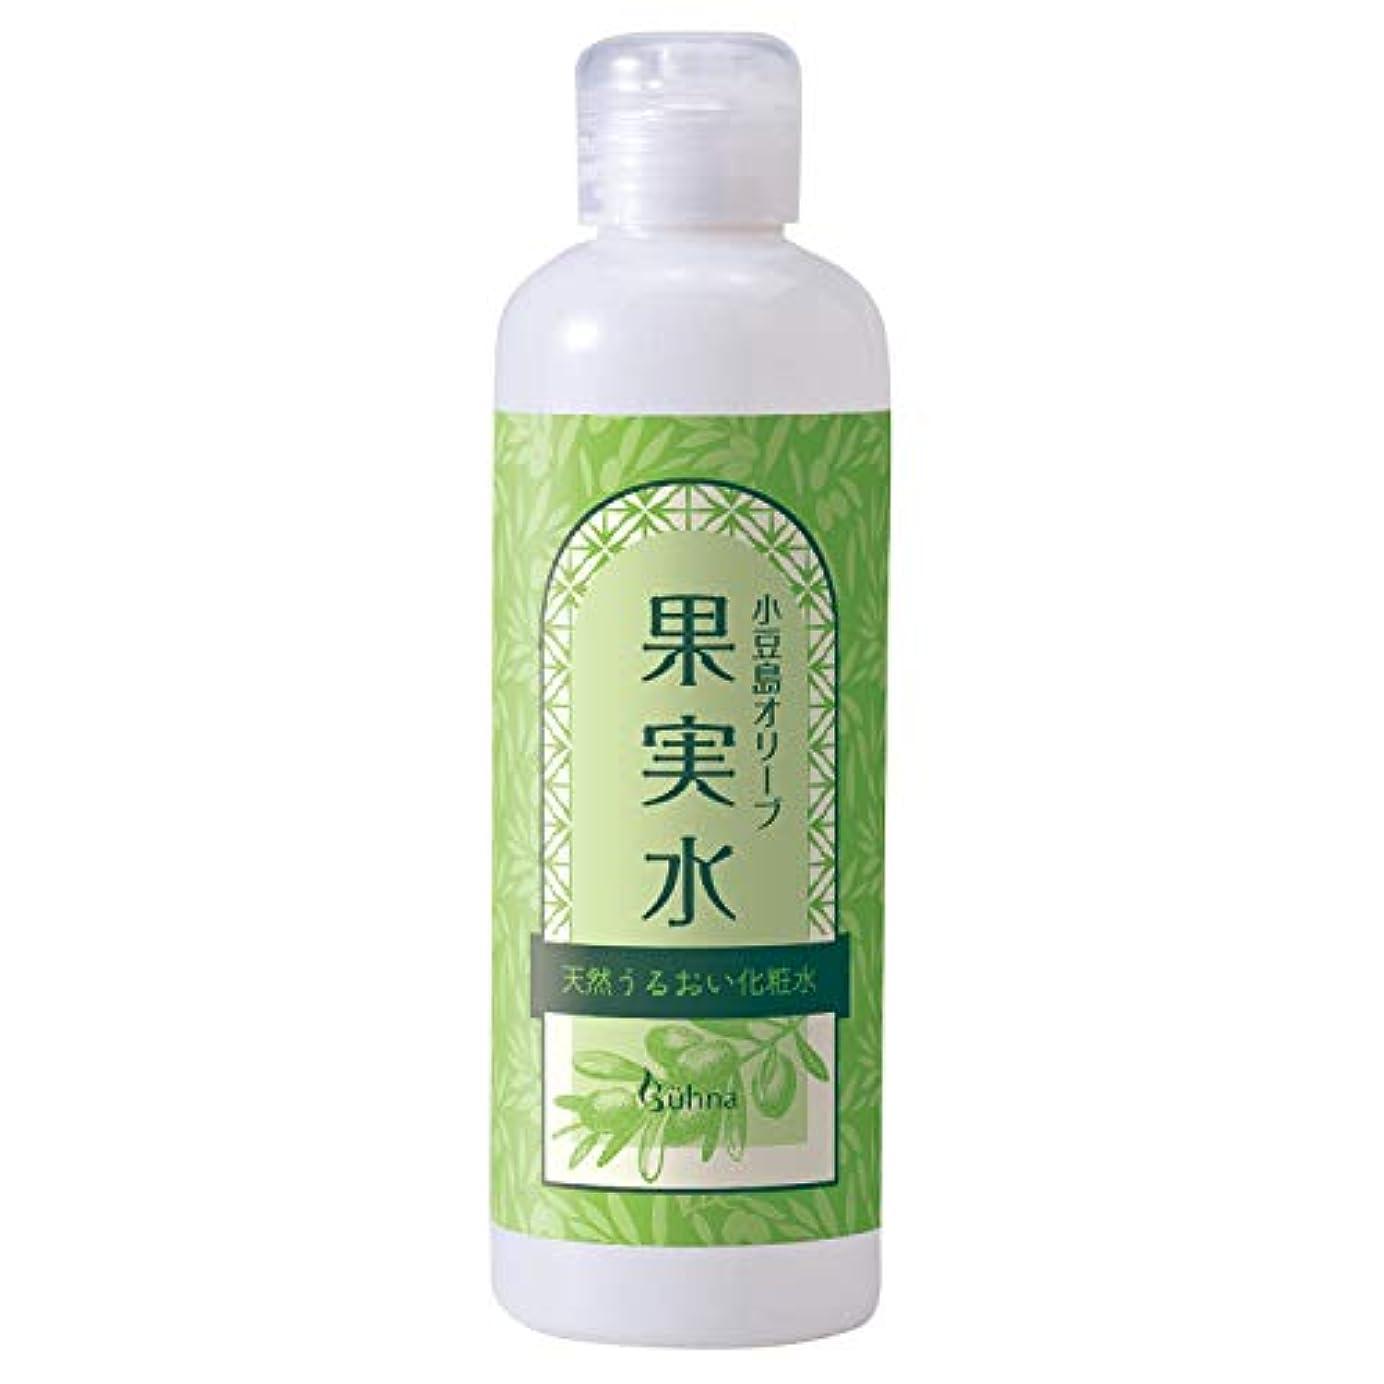 効果的仮称騒乱ビューナ 小豆島オリーブ果実水 化粧水 保湿 オリーブオイル 無着色 アルコールフリー パラベンフリー 合成香料不使用